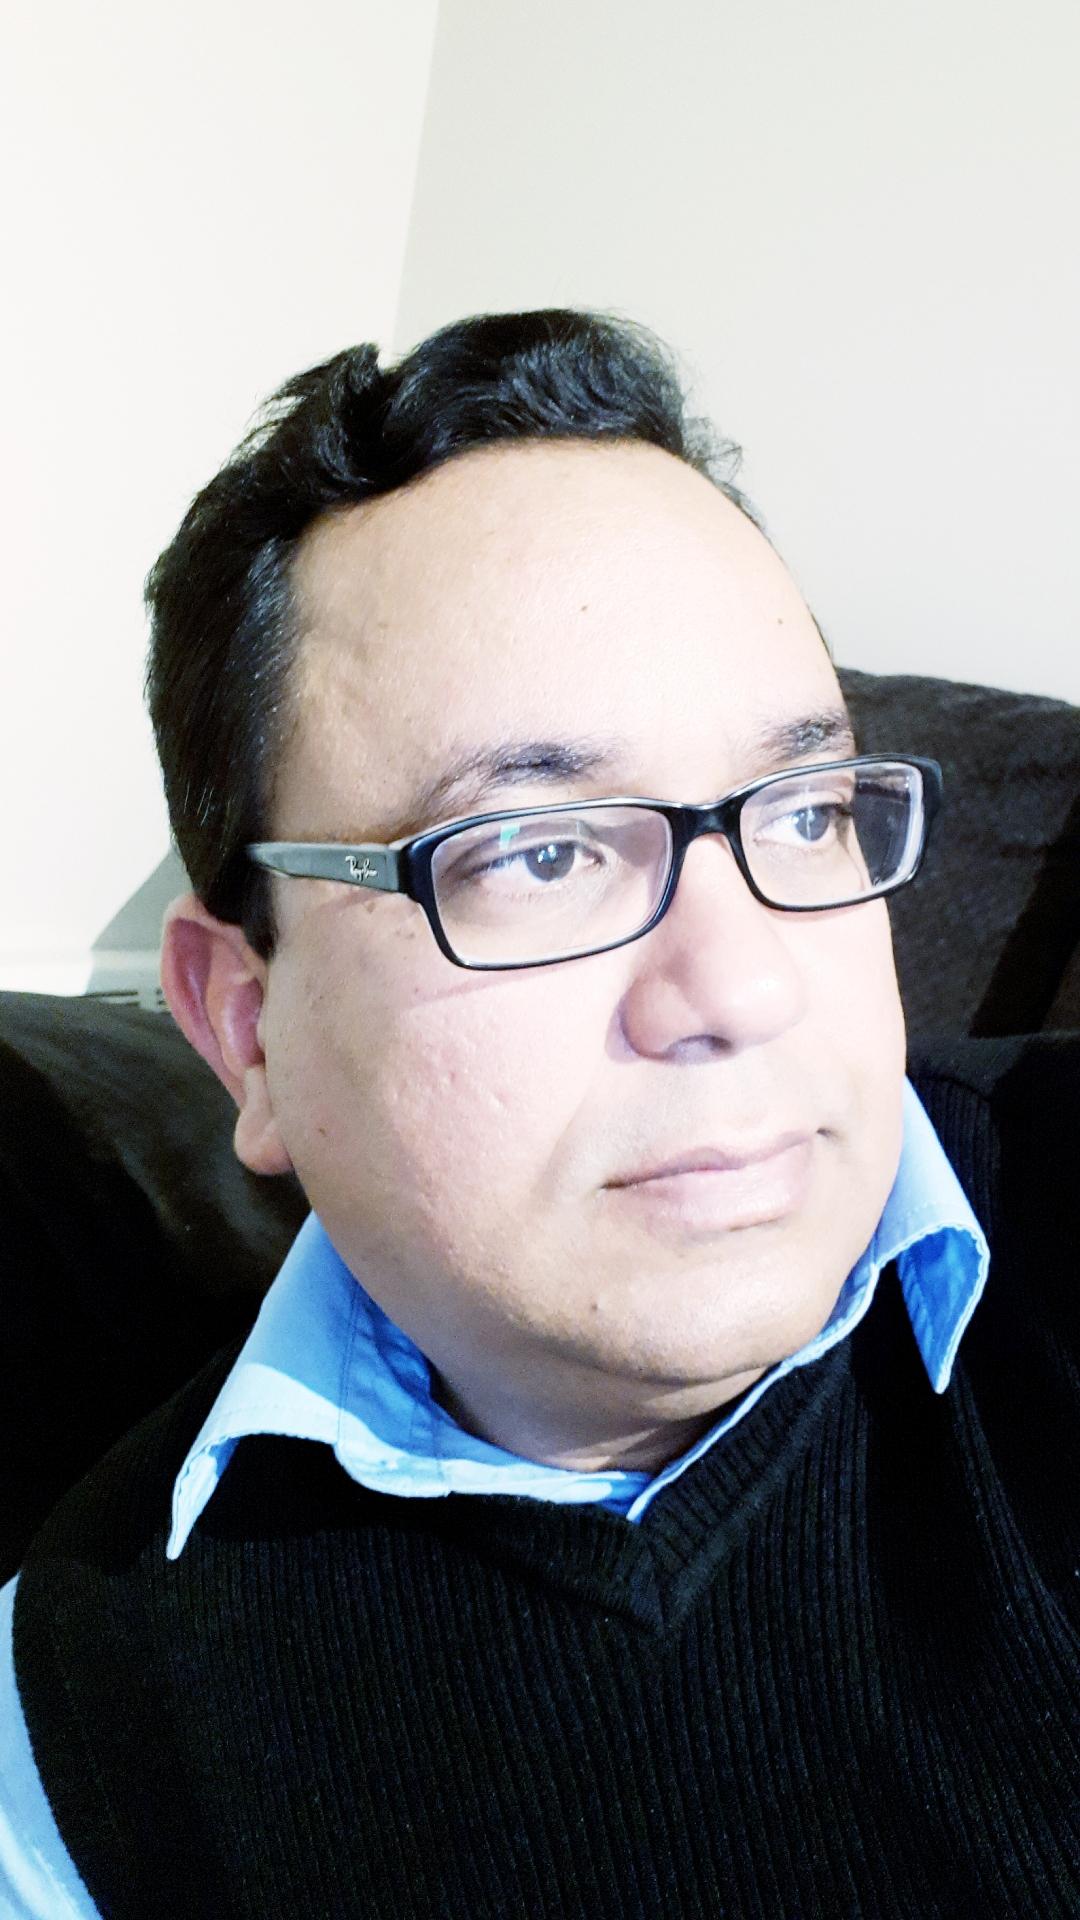 باب ولد الشيخ سيديا - خبير اقتصادي وسياسي